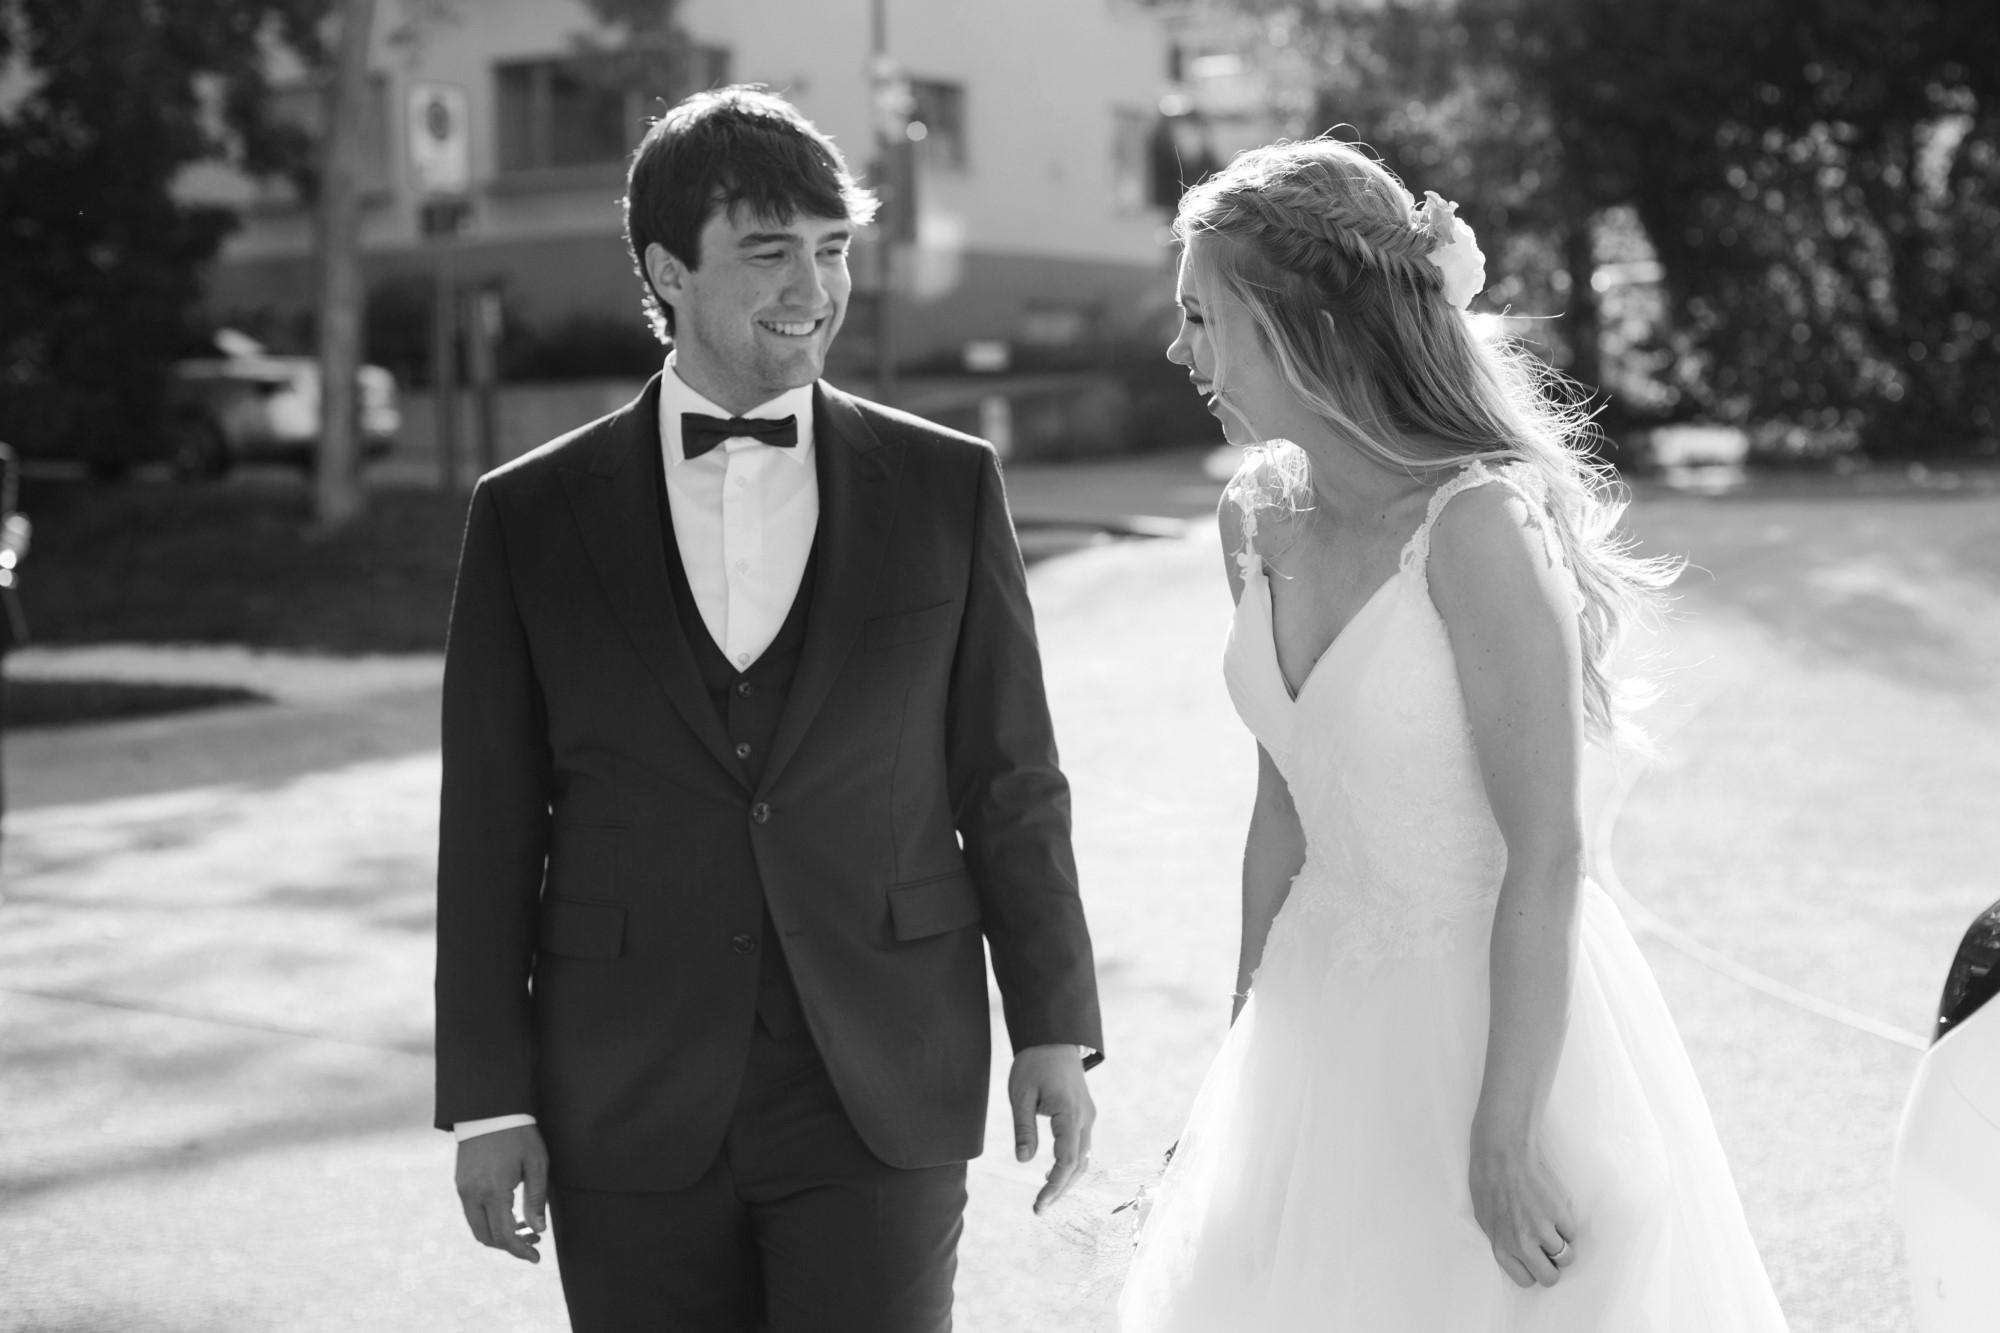 Das glückliche Brautpaar trifft in Binningen ein